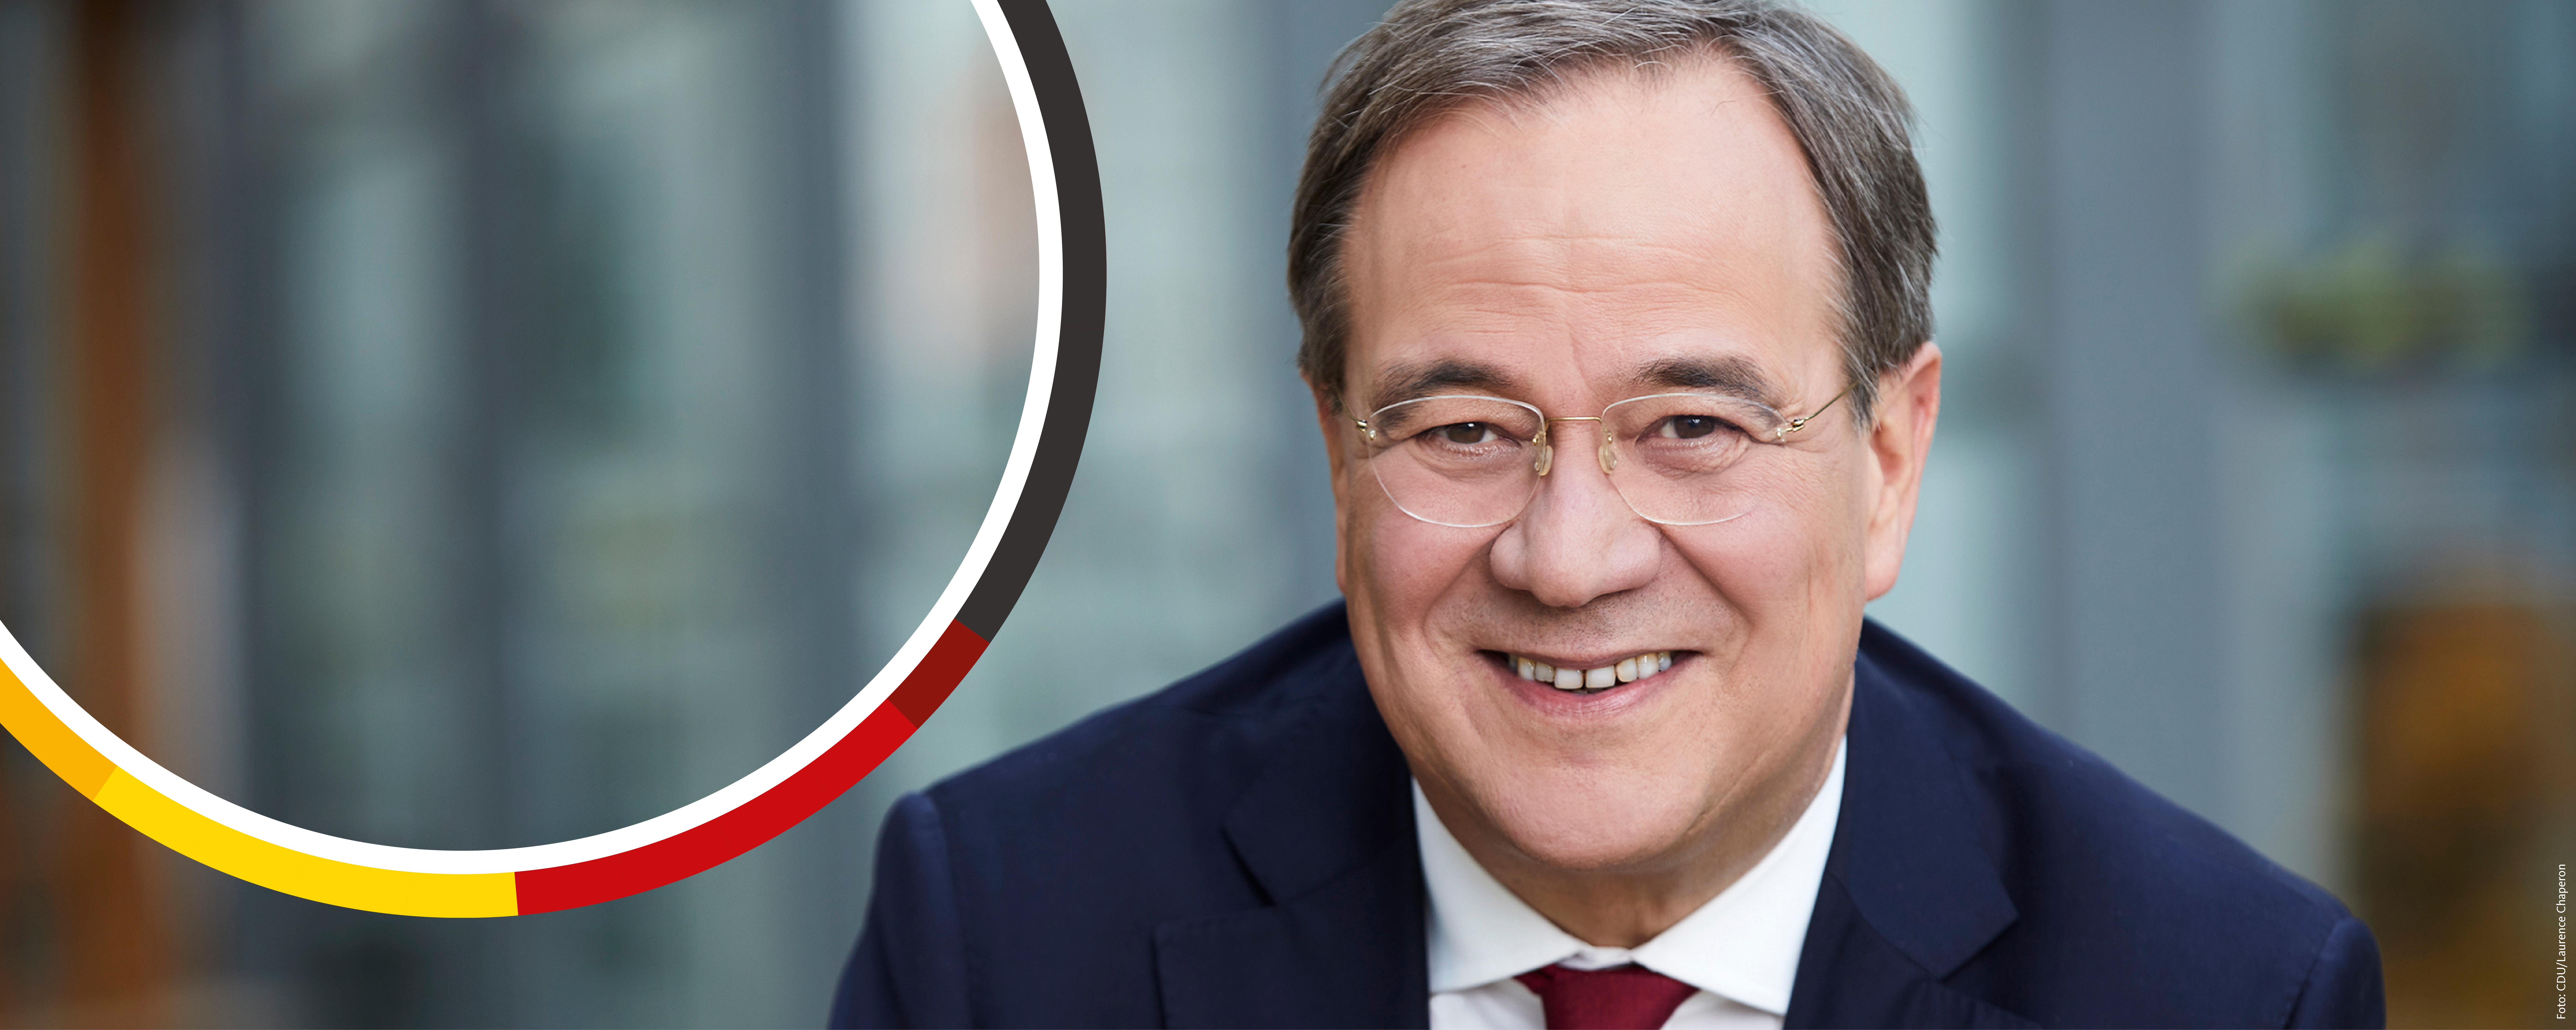 #CDUVorsitz:Kandidat Armin Laschet